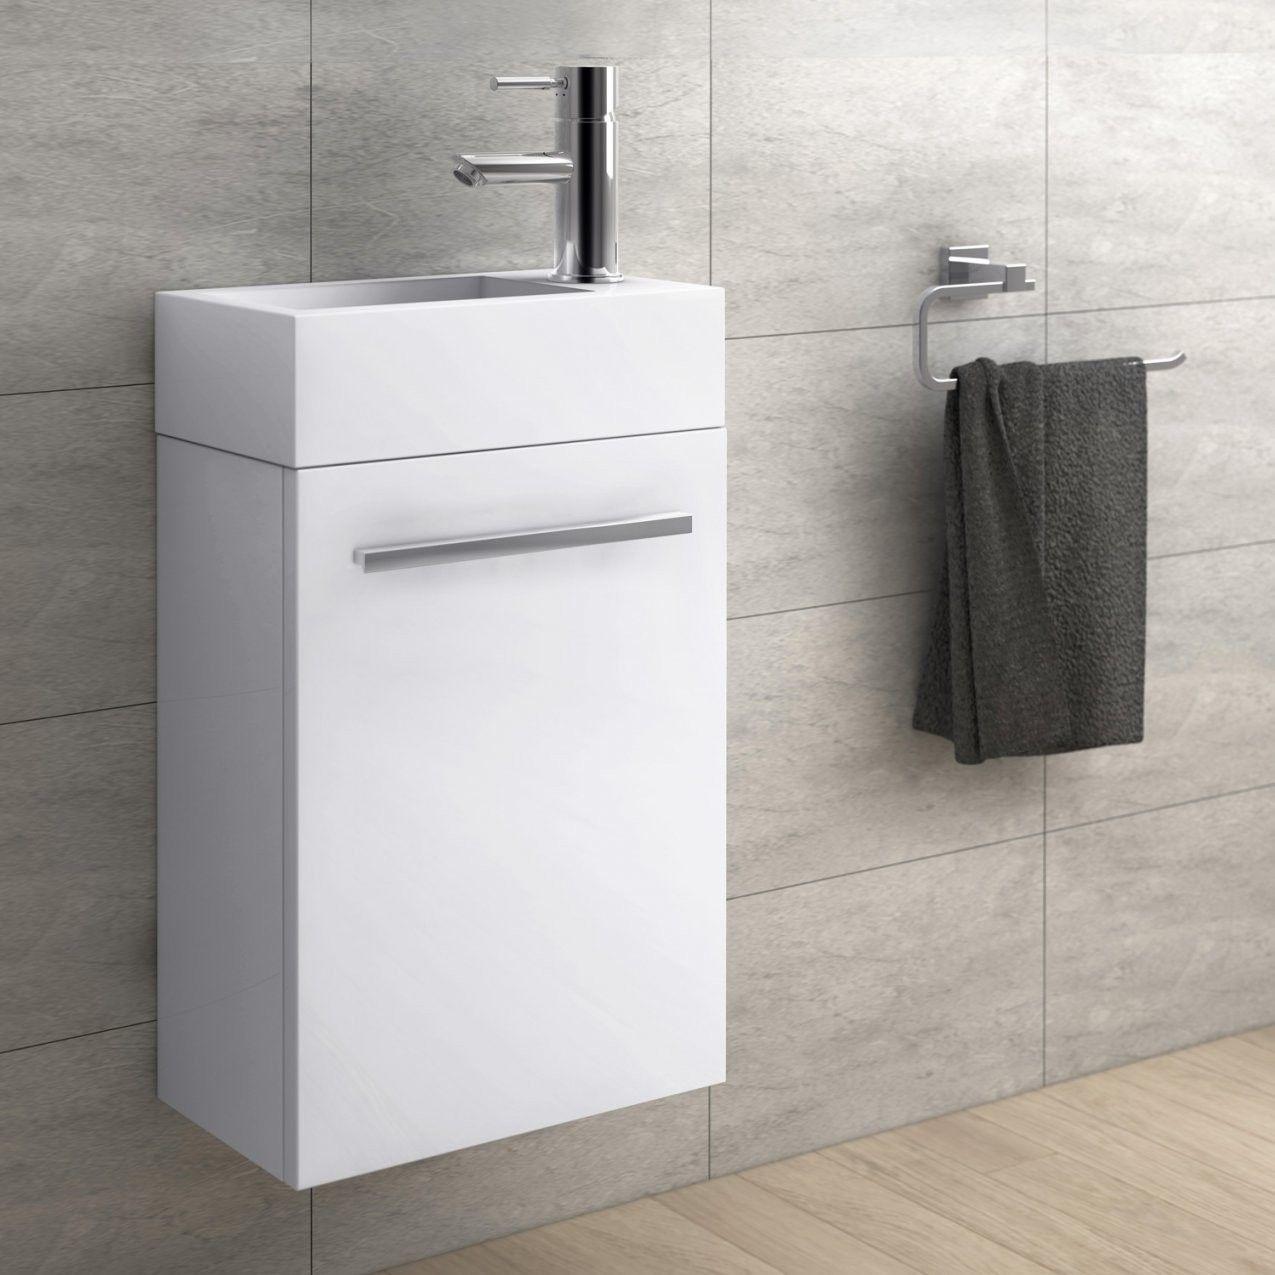 Kleine Waschbecken Mit Unterschrank Tolle Unterschrank Waschbecken